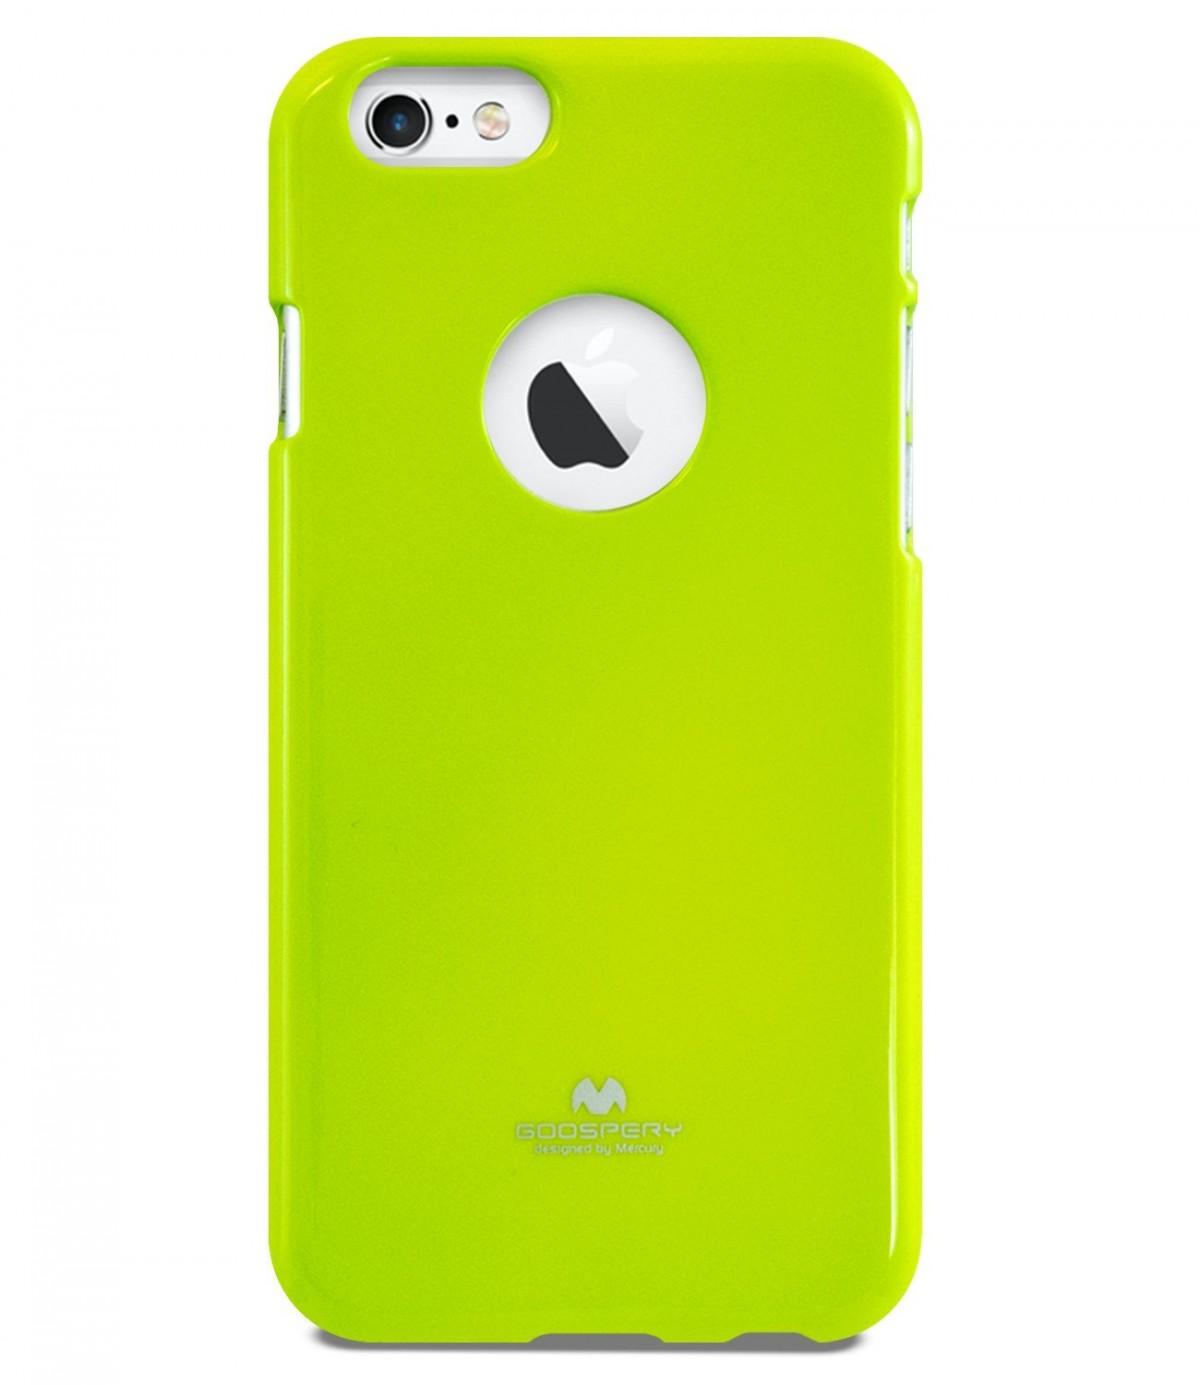 Tenké silikonové obaly / kryty Goospery Mercury pro Apple iPhone 6s/6 - Limetkově zelený / Lime